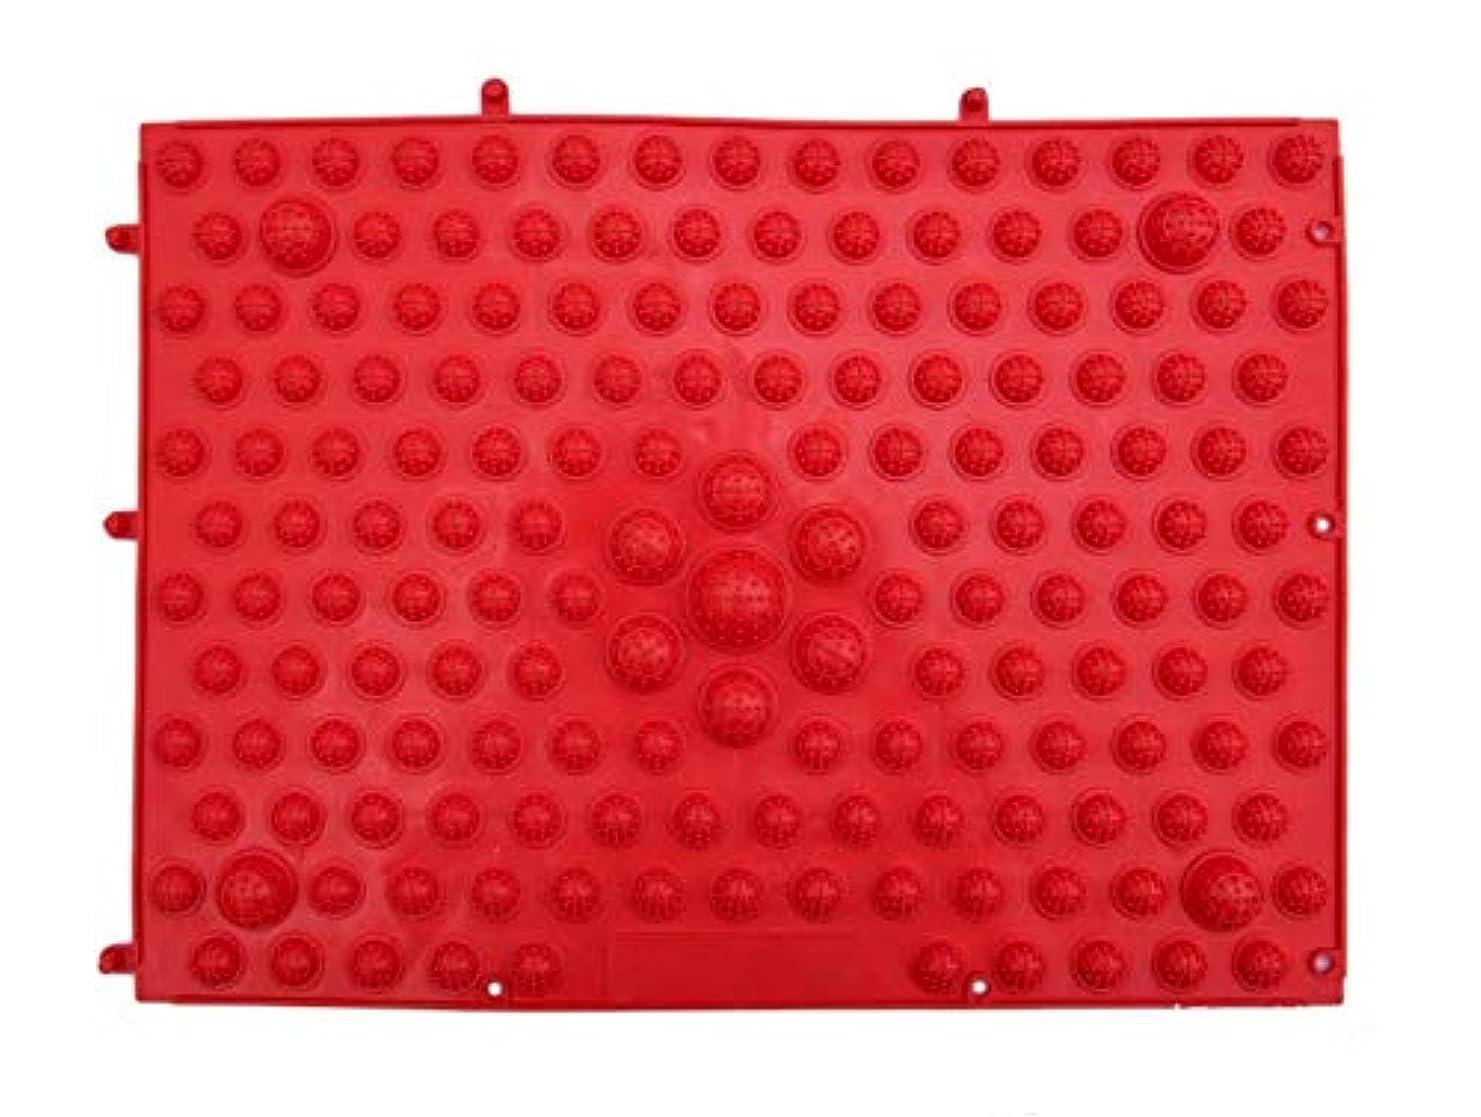 レイ抗議ガイドBodyBooster フットマッサージャー 家庭用&職場用 贈り物 (赤い)